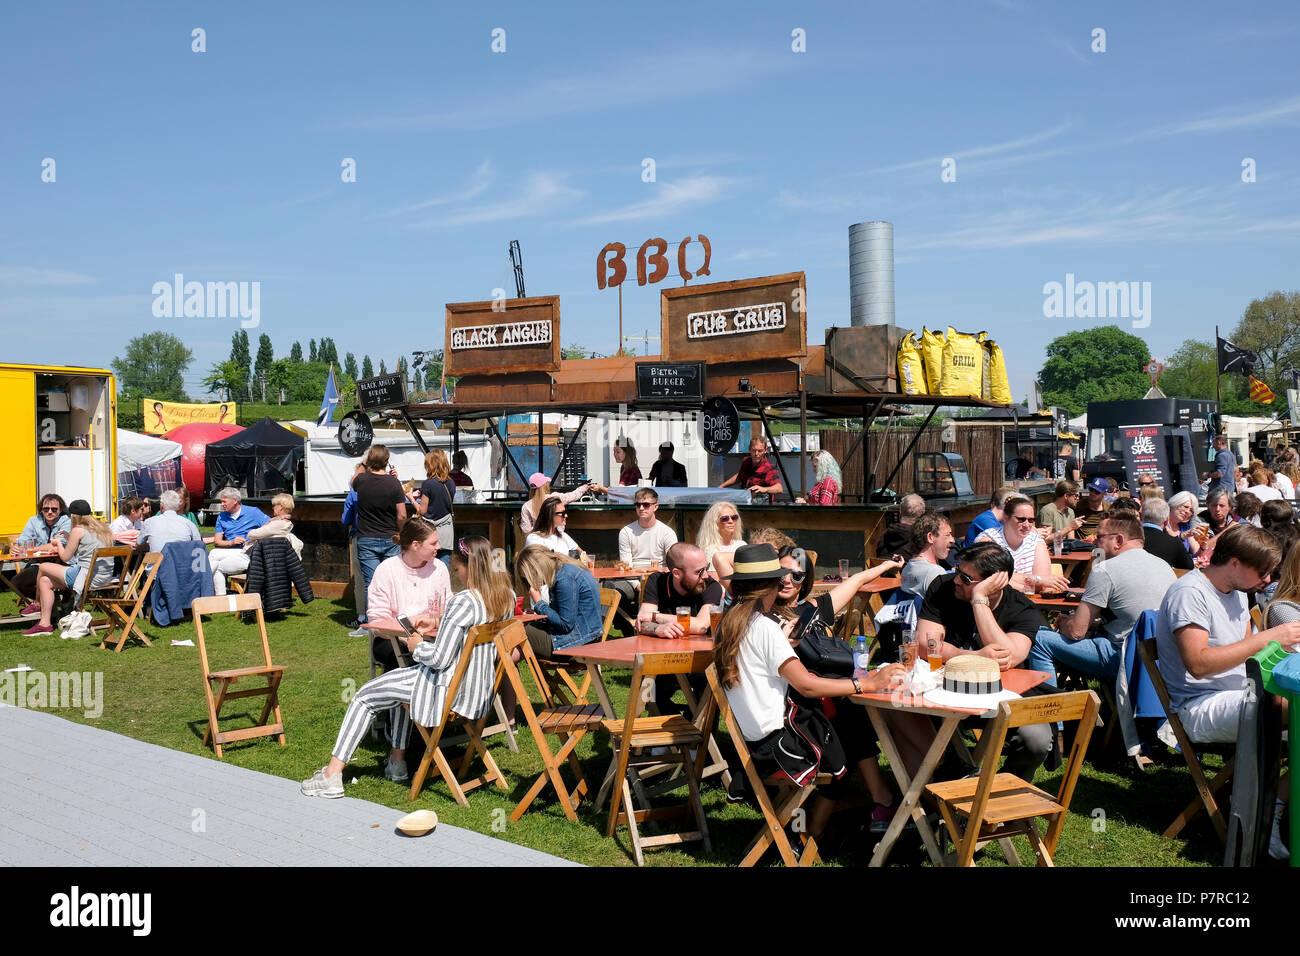 De Rollende Keukens : Food festival de rollende keukens die rollende küche in amsterdam